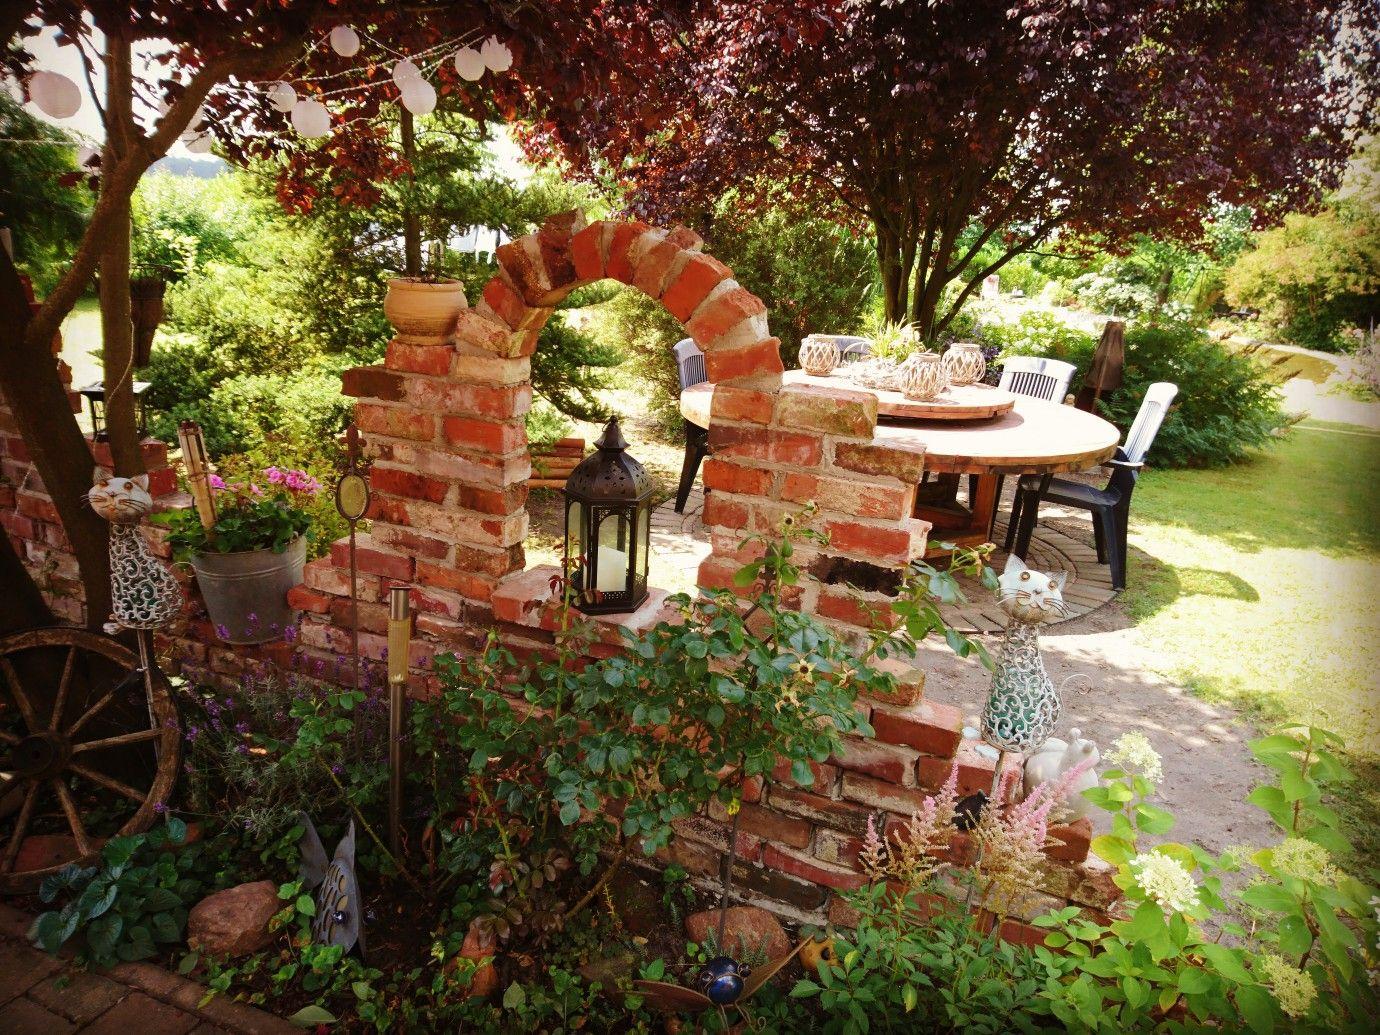 Beetbegrenzung Garten alte mauer als beetbegrenzung natur und garten